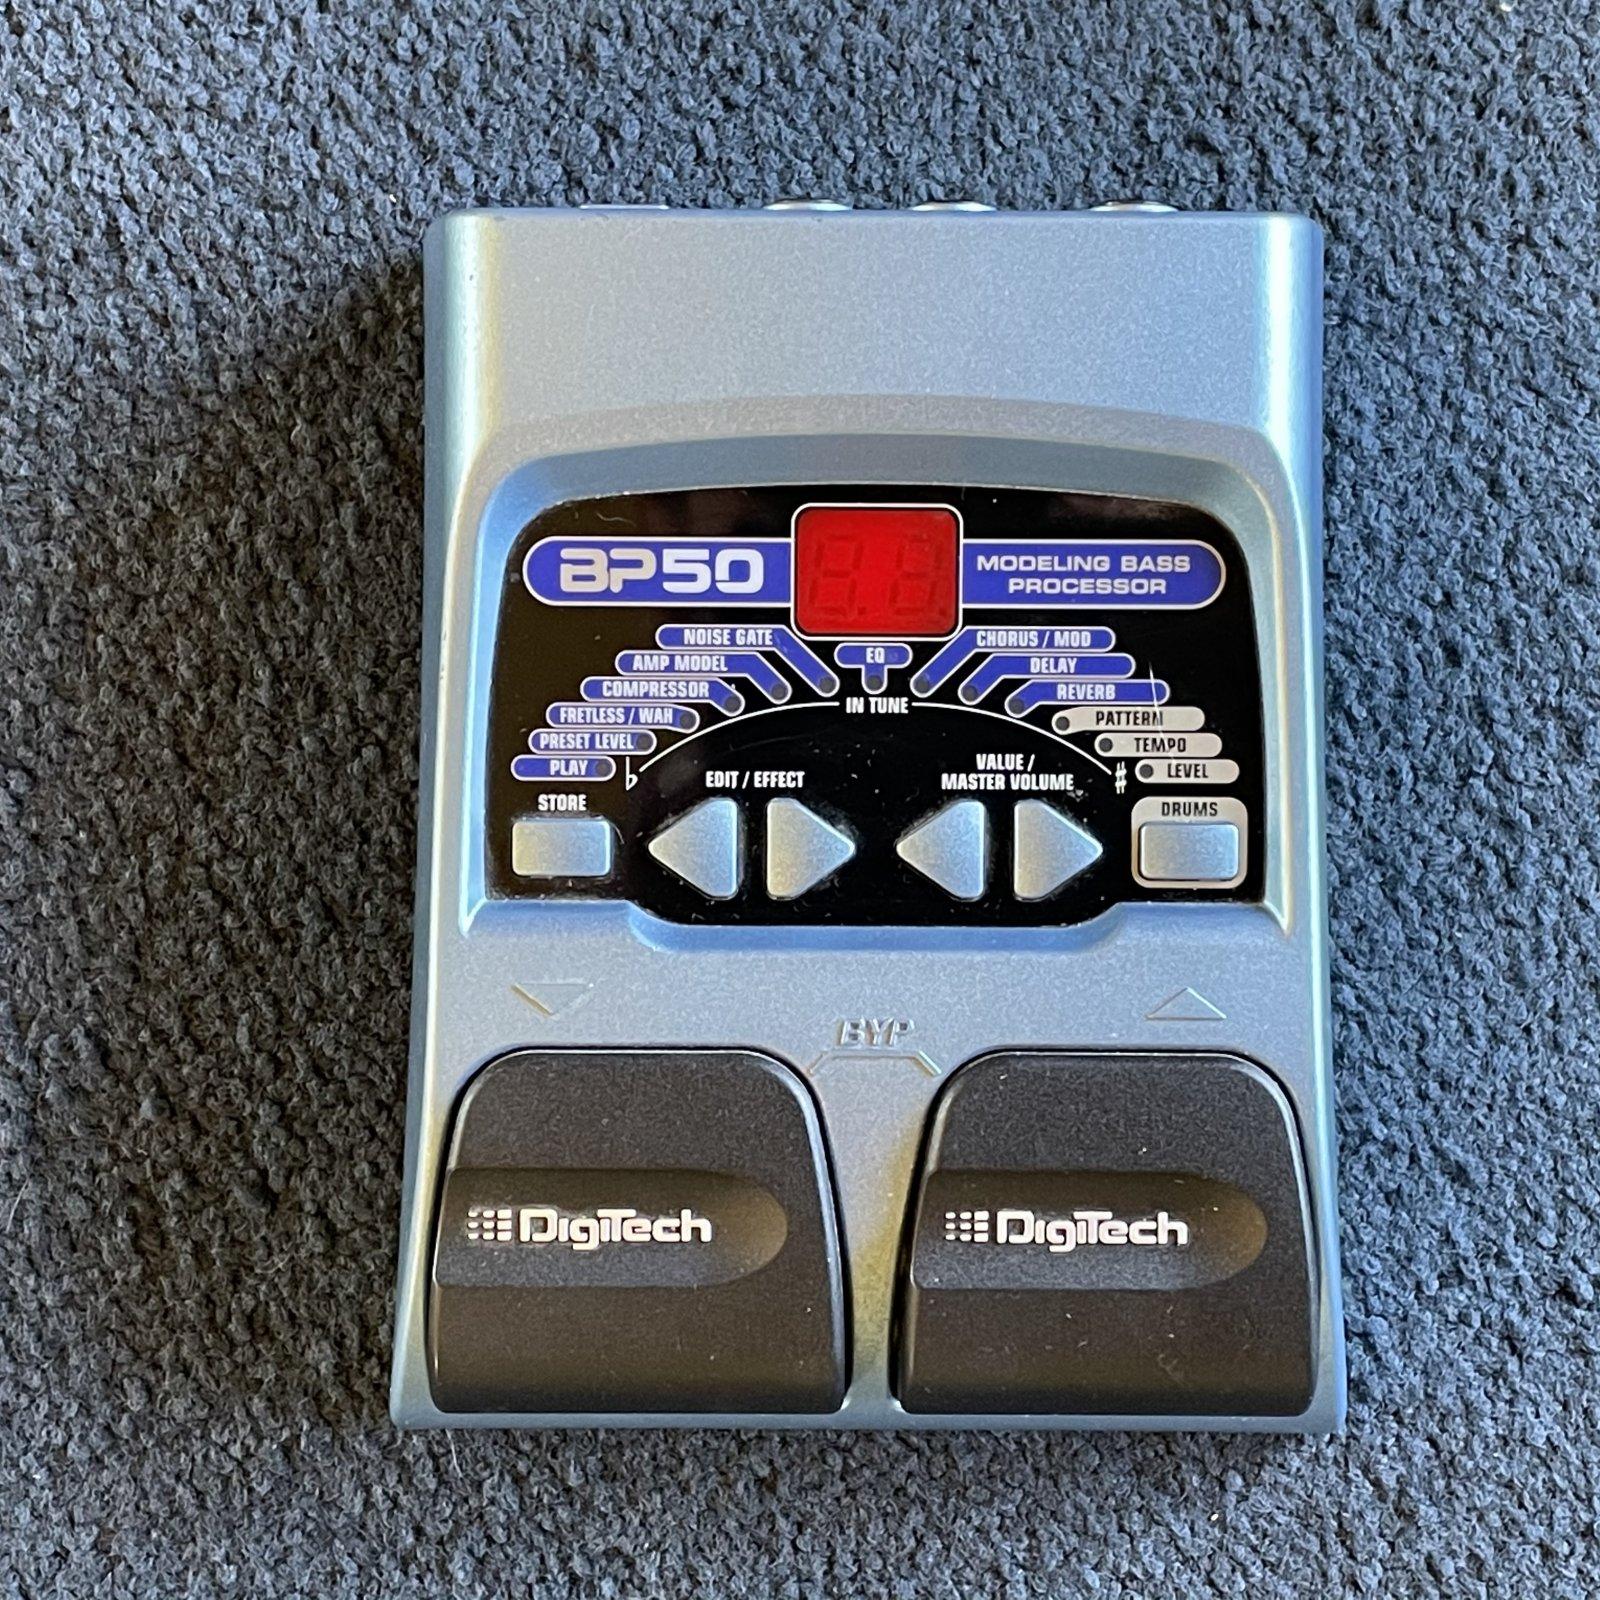 DigiTech BP50 Modeling Bass Processor